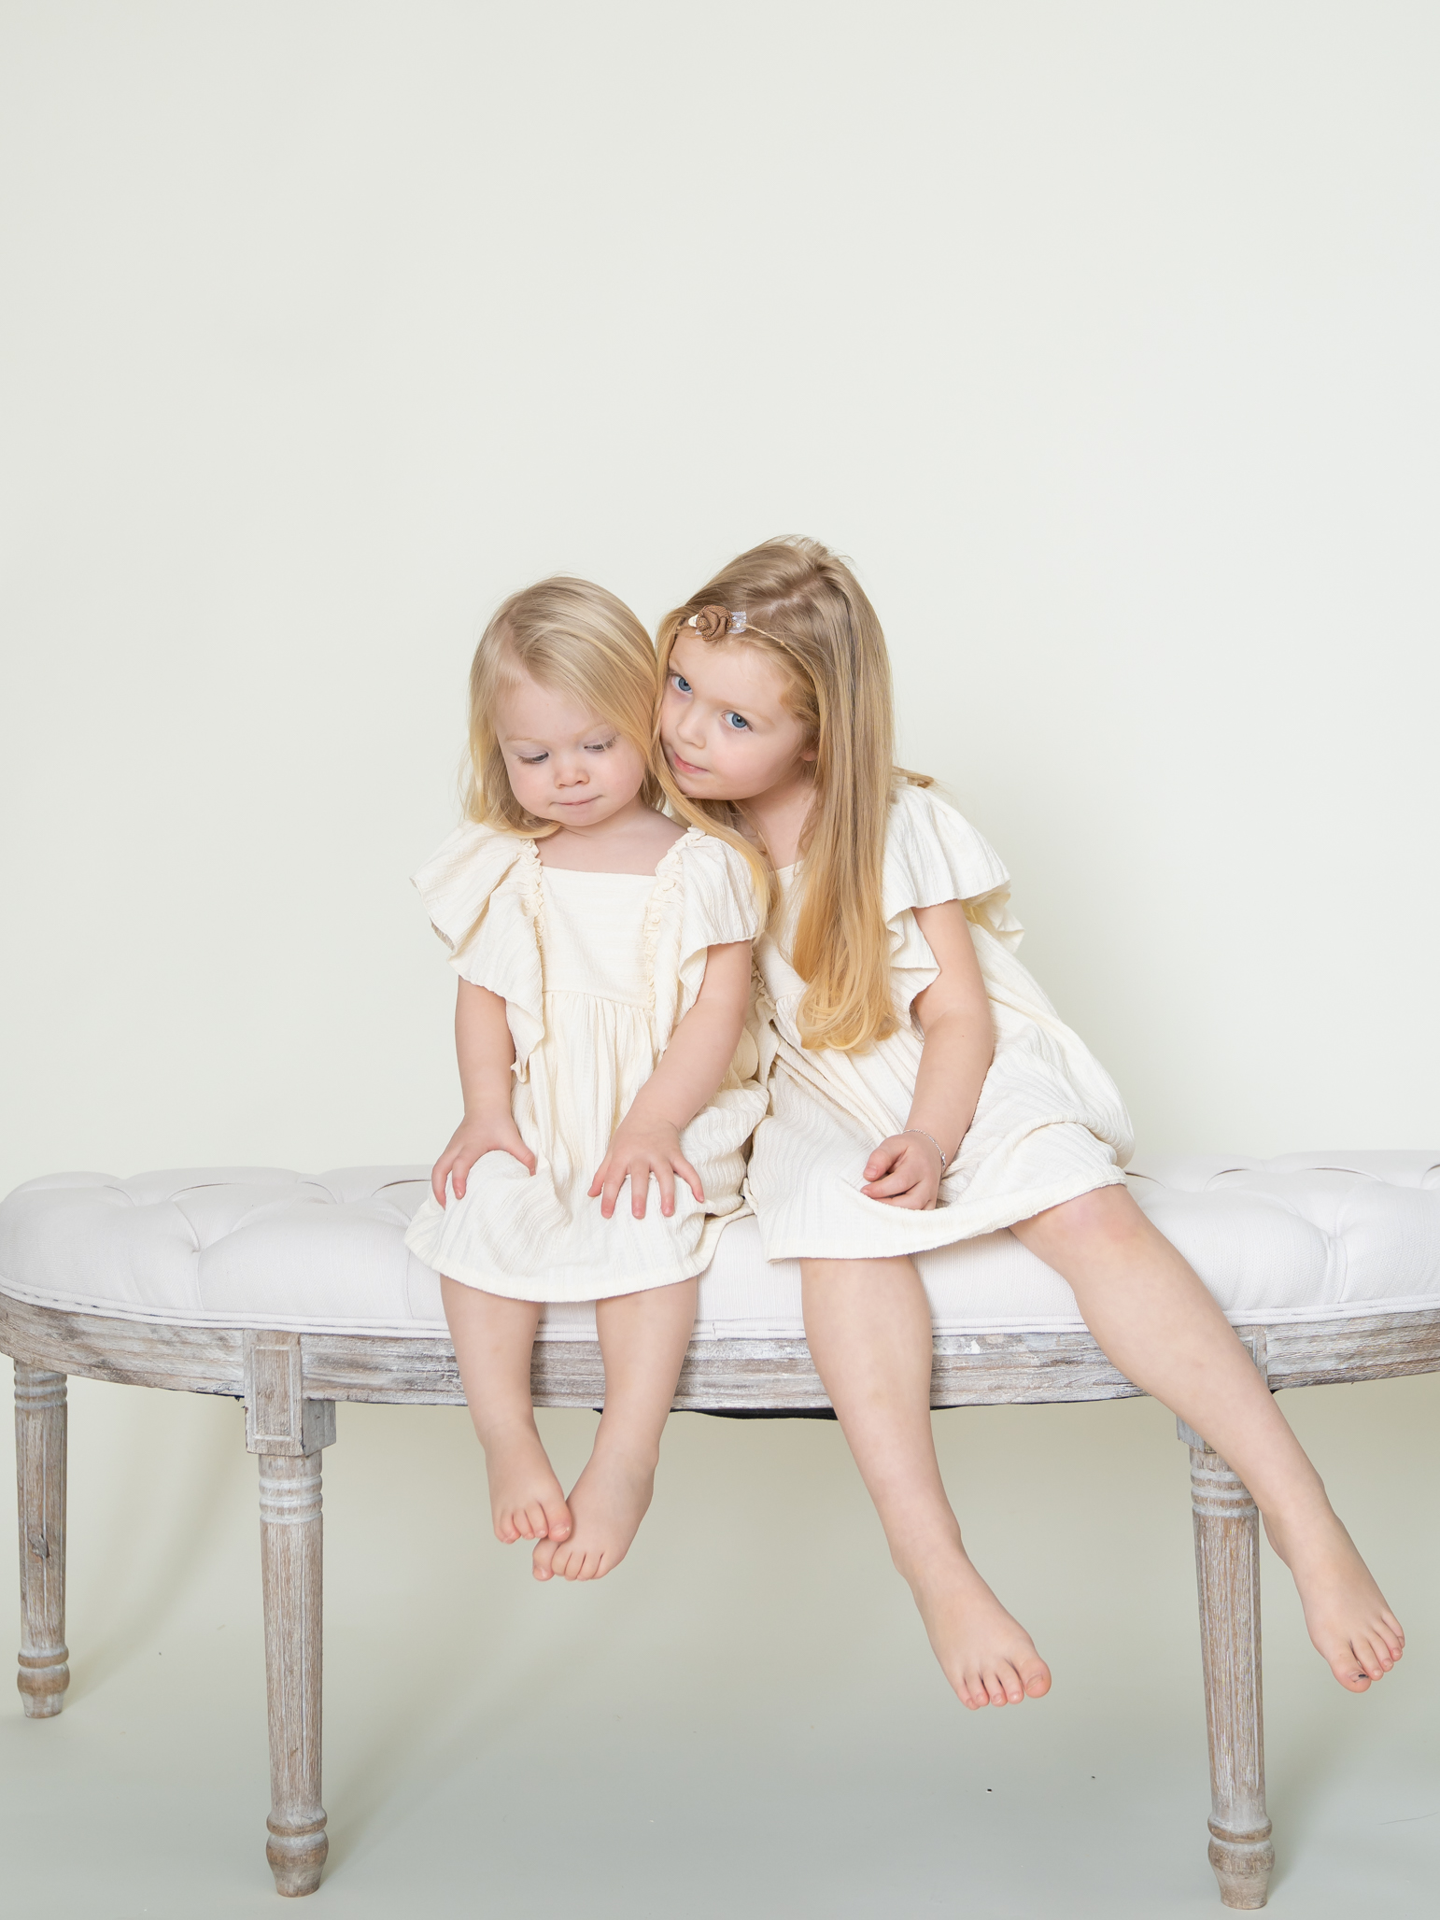 Fotostudio in Borchen spielende Kinder (21)